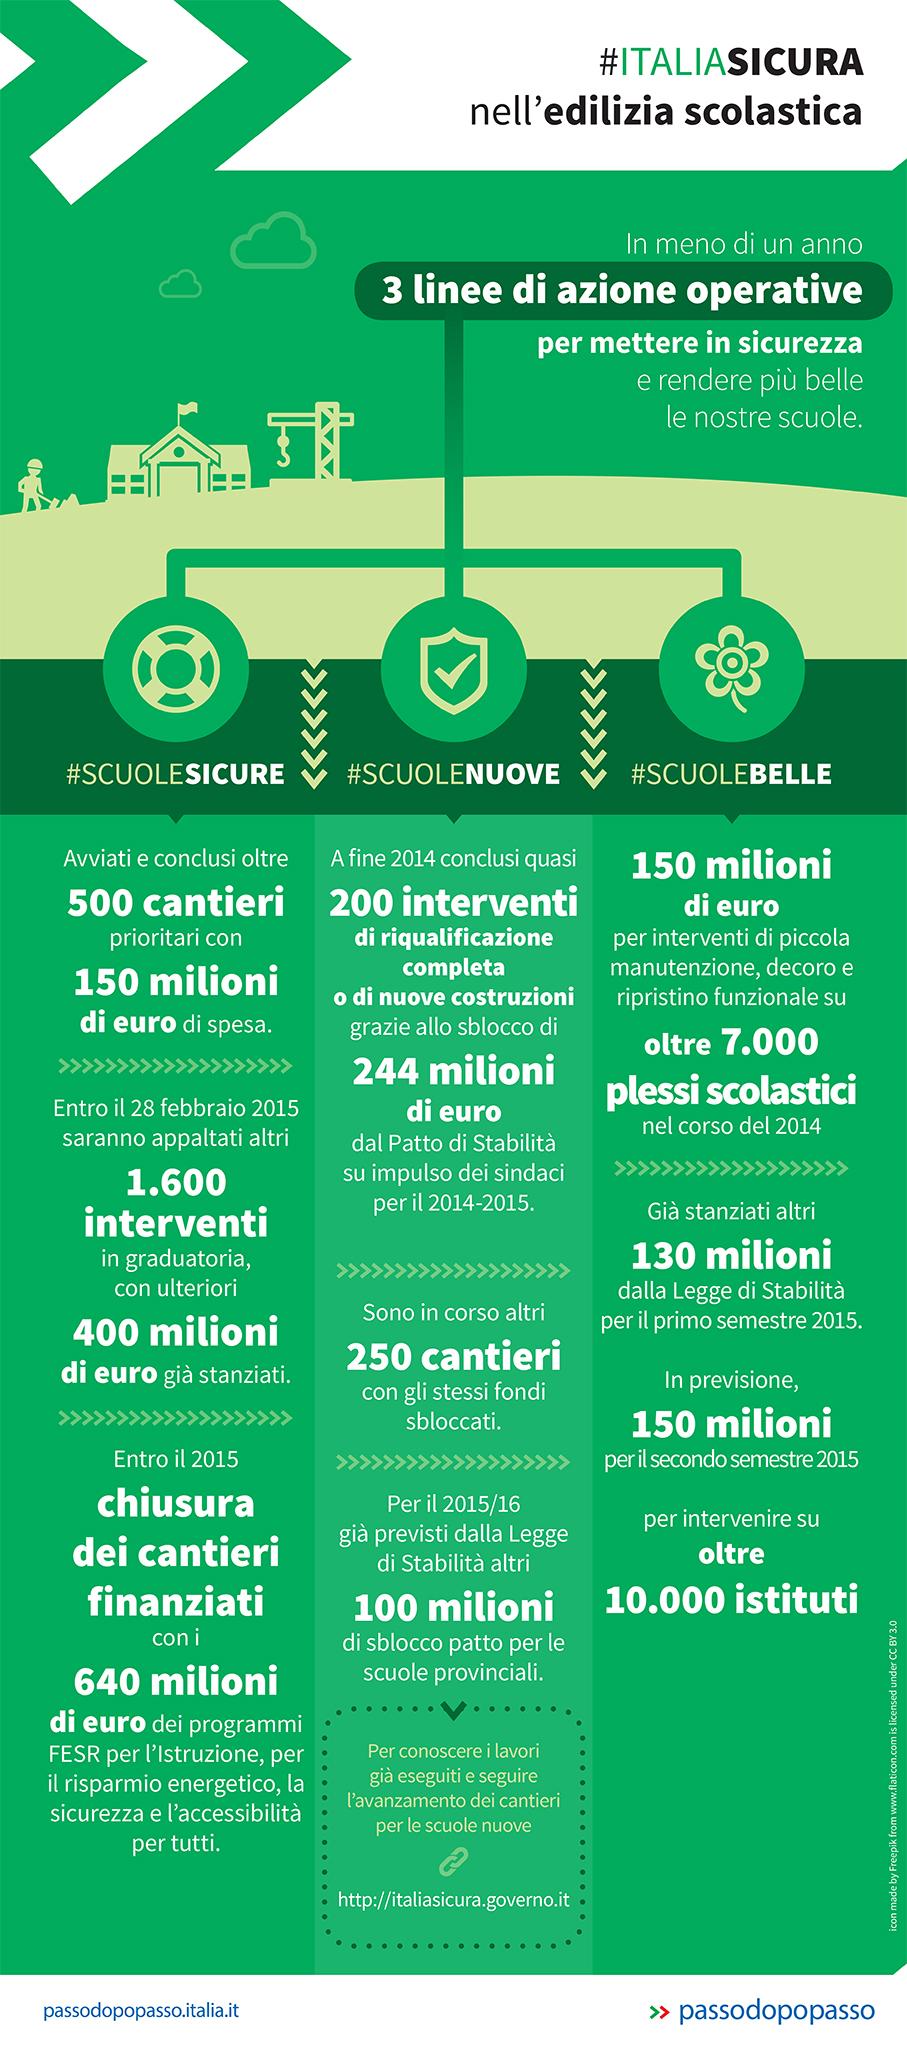 Infografica: Edilizia scolastica: 500 cantieri per #Scuolesicure,  200 #Scuolenuove e 7000 #Scuolebelle